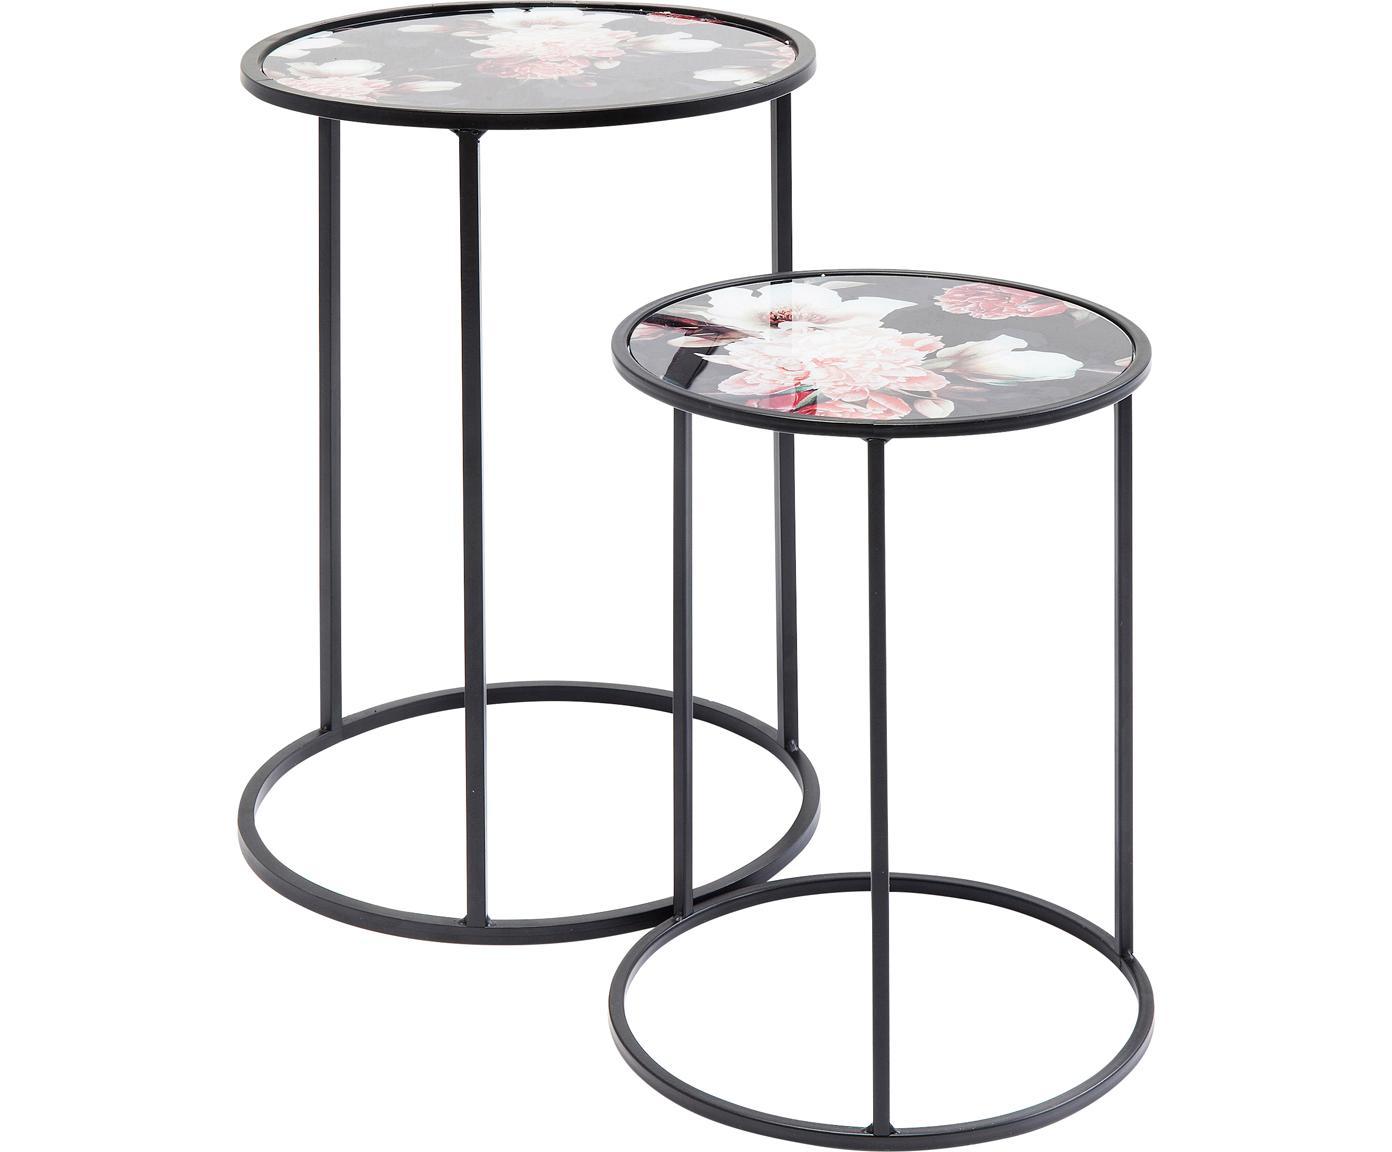 Beistelltisch-Set Peony mit Blumenmuster, 2-tlg., Tischplatte: Sicherheitsglas (ESG), ge, Gestell: Stahl, pulverbeschichtet, Schwarz, Verschiedene Grössen